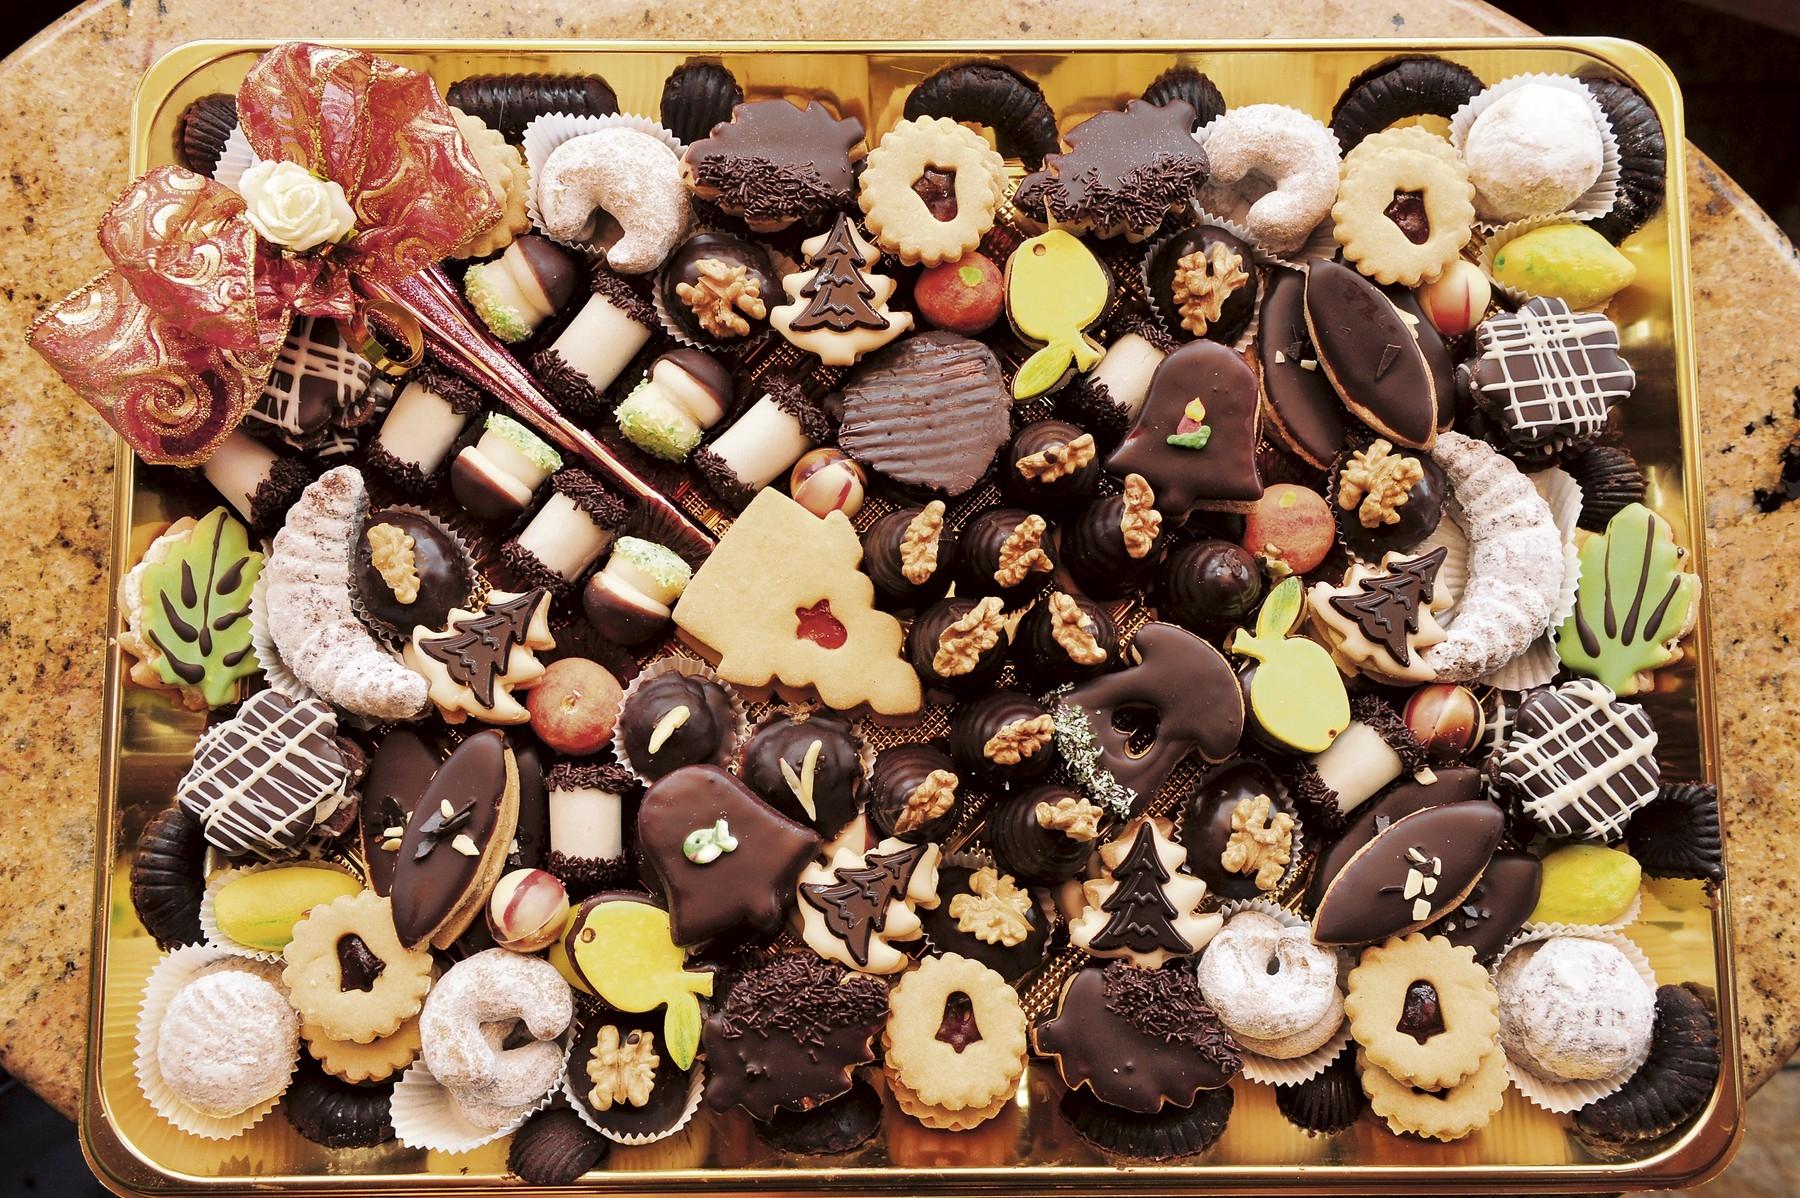 Vánoční cukroví umístěné u televize či na stole permanentně na očích představuje velkou kalorickou hrozbu. Foto: profimedia